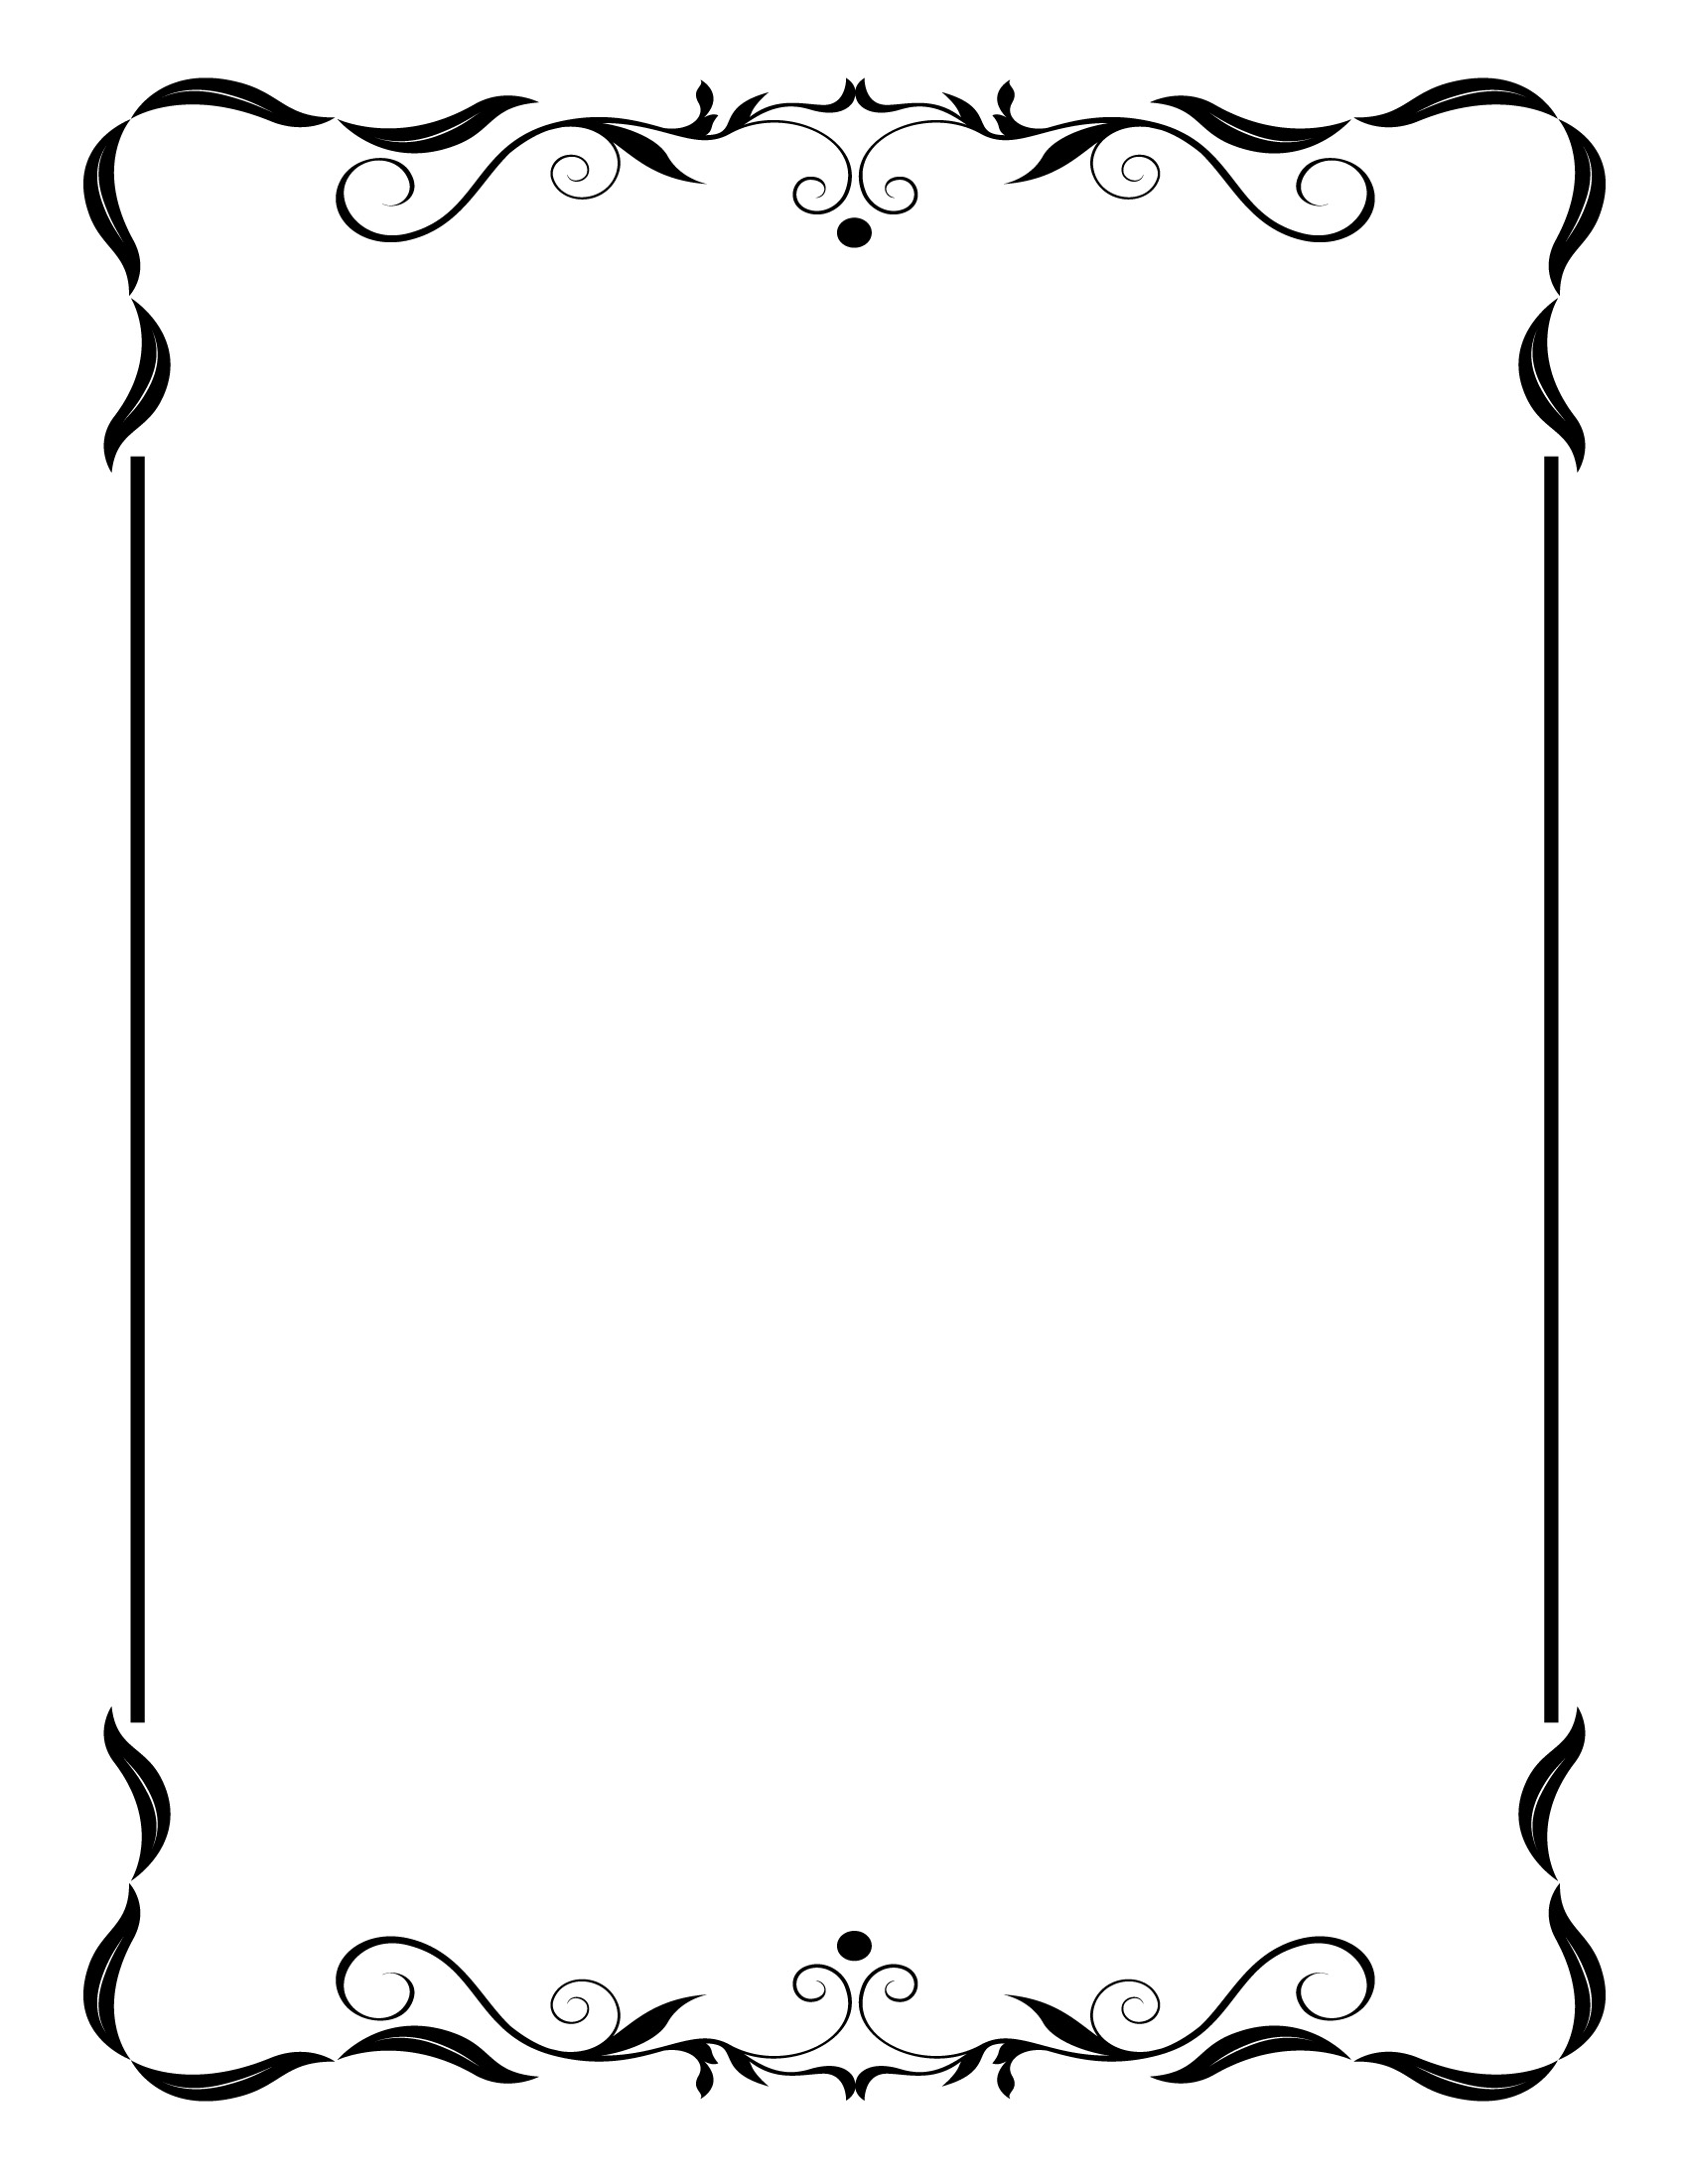 Vintage frame border Golden Simple Vintage Frame Border Clip Art N2 Pixyorg Simple Vintage Frame Border Clip Art N2 Free Image